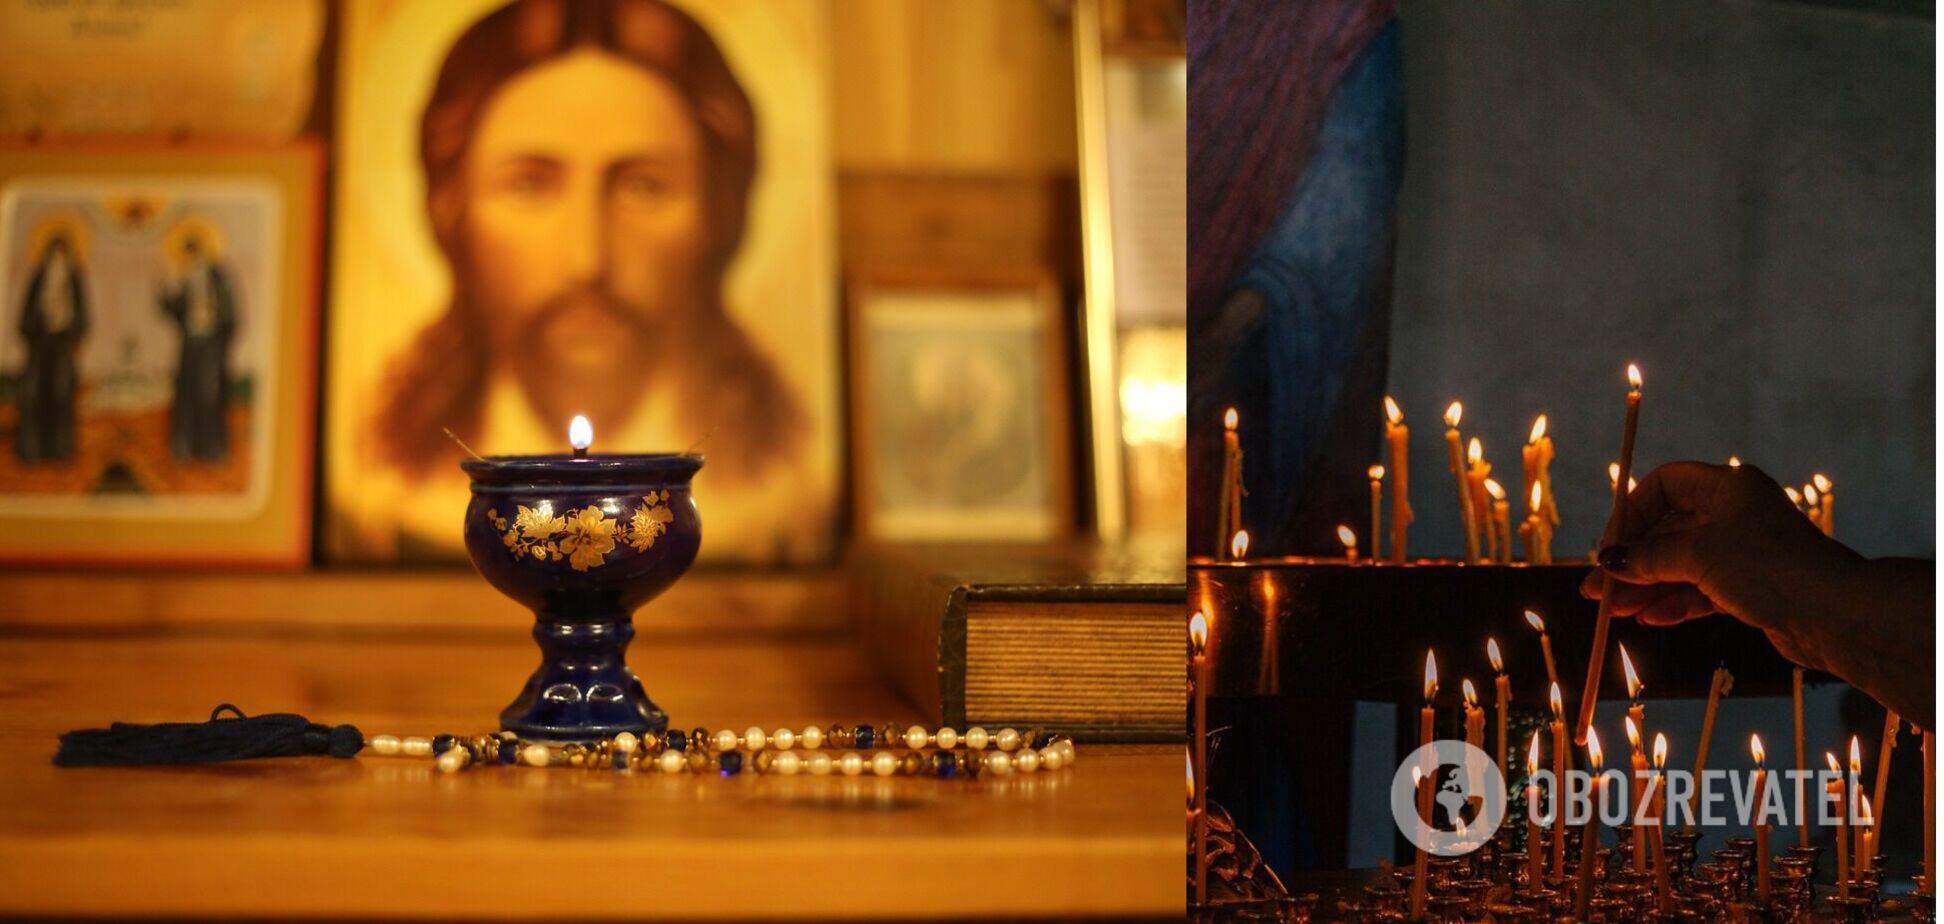 Прощеное воскресенье символизирует телесное и духовное очищение накануне Великого поста